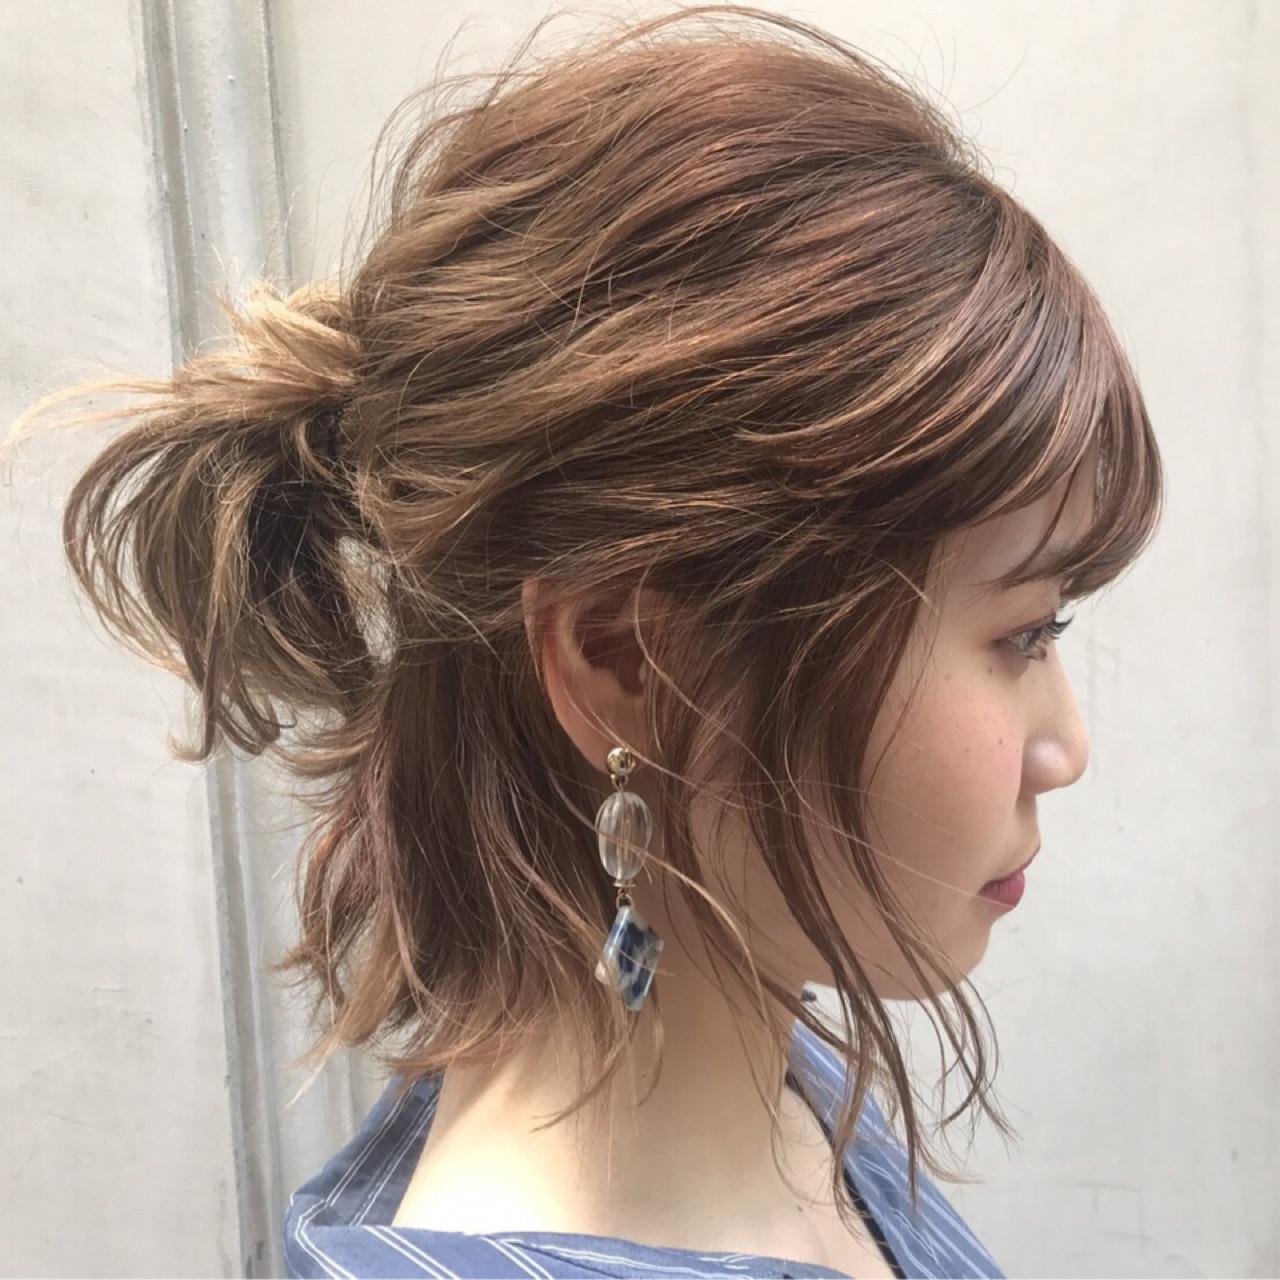 髪型 アレンジ ボブ - Kamigatabest